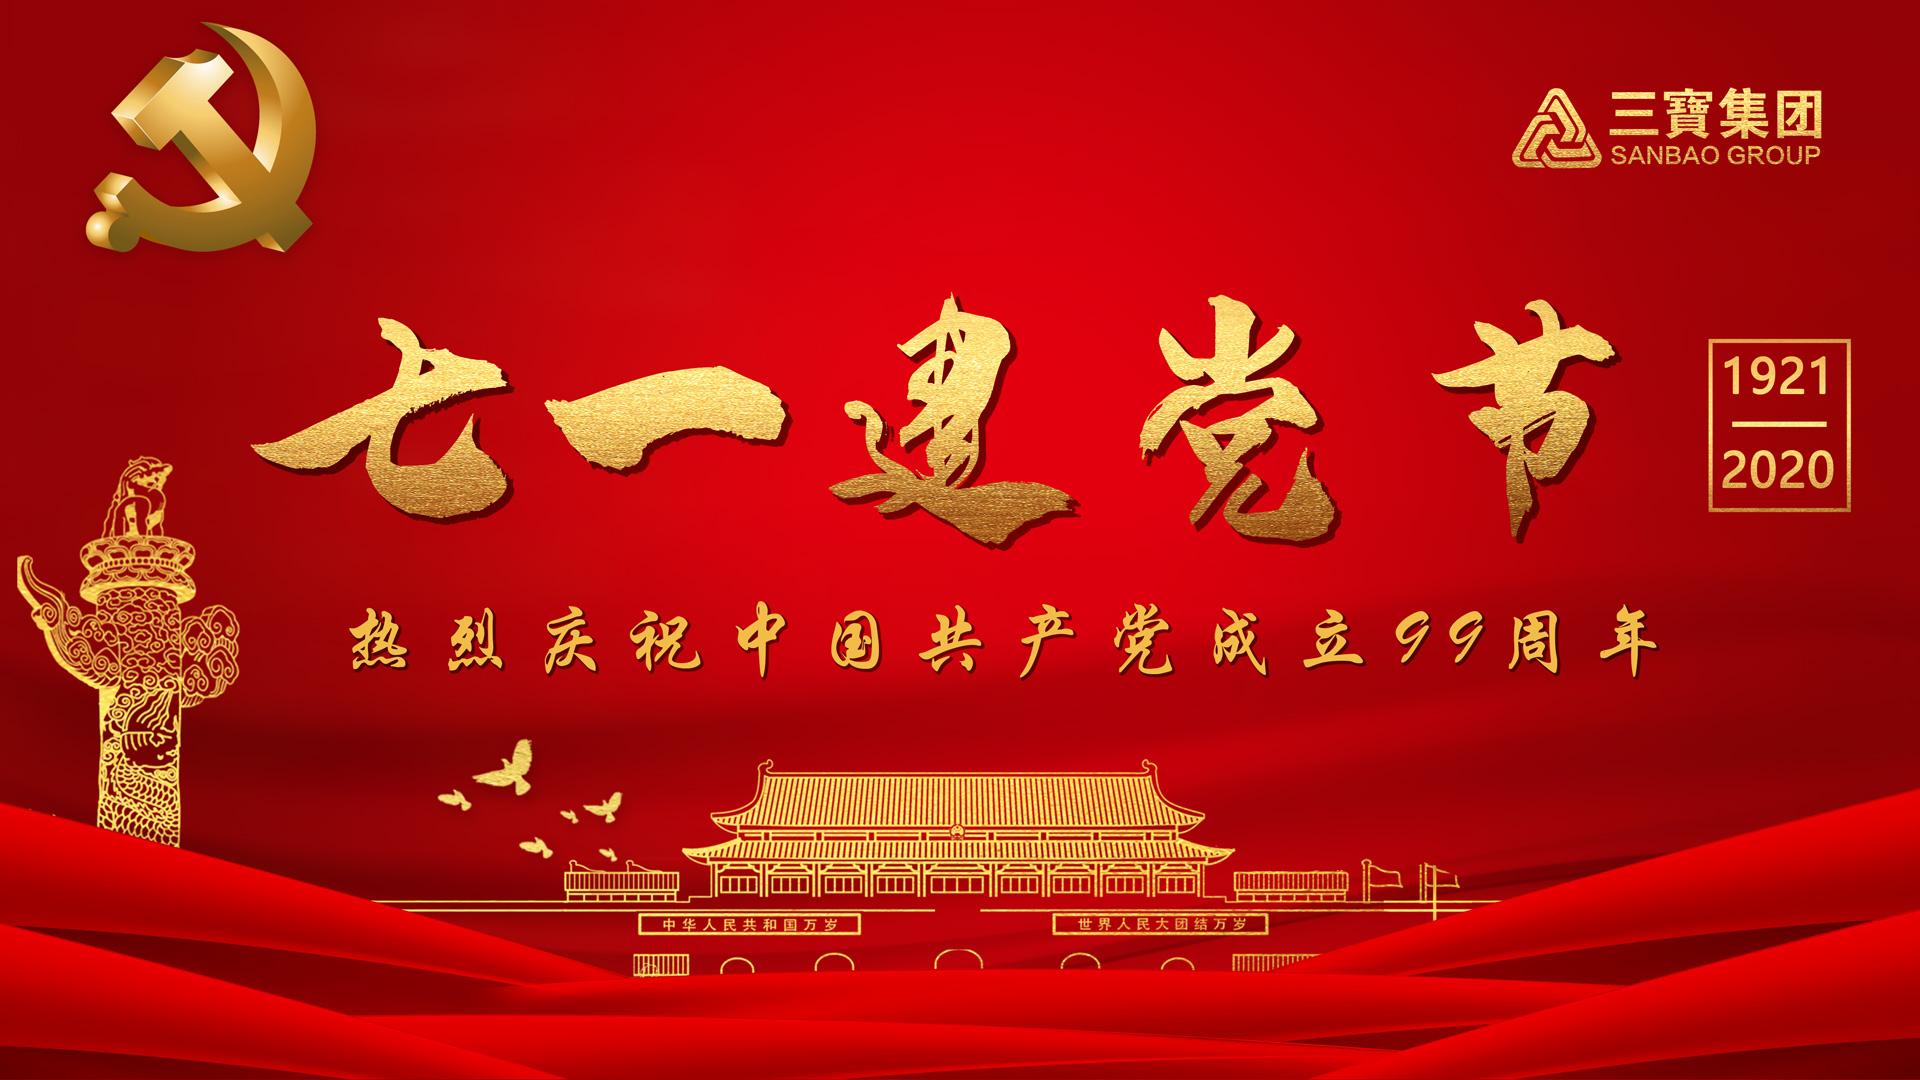 久久初心砥砺前行┃必威app精装版集团庆祝建党99周年